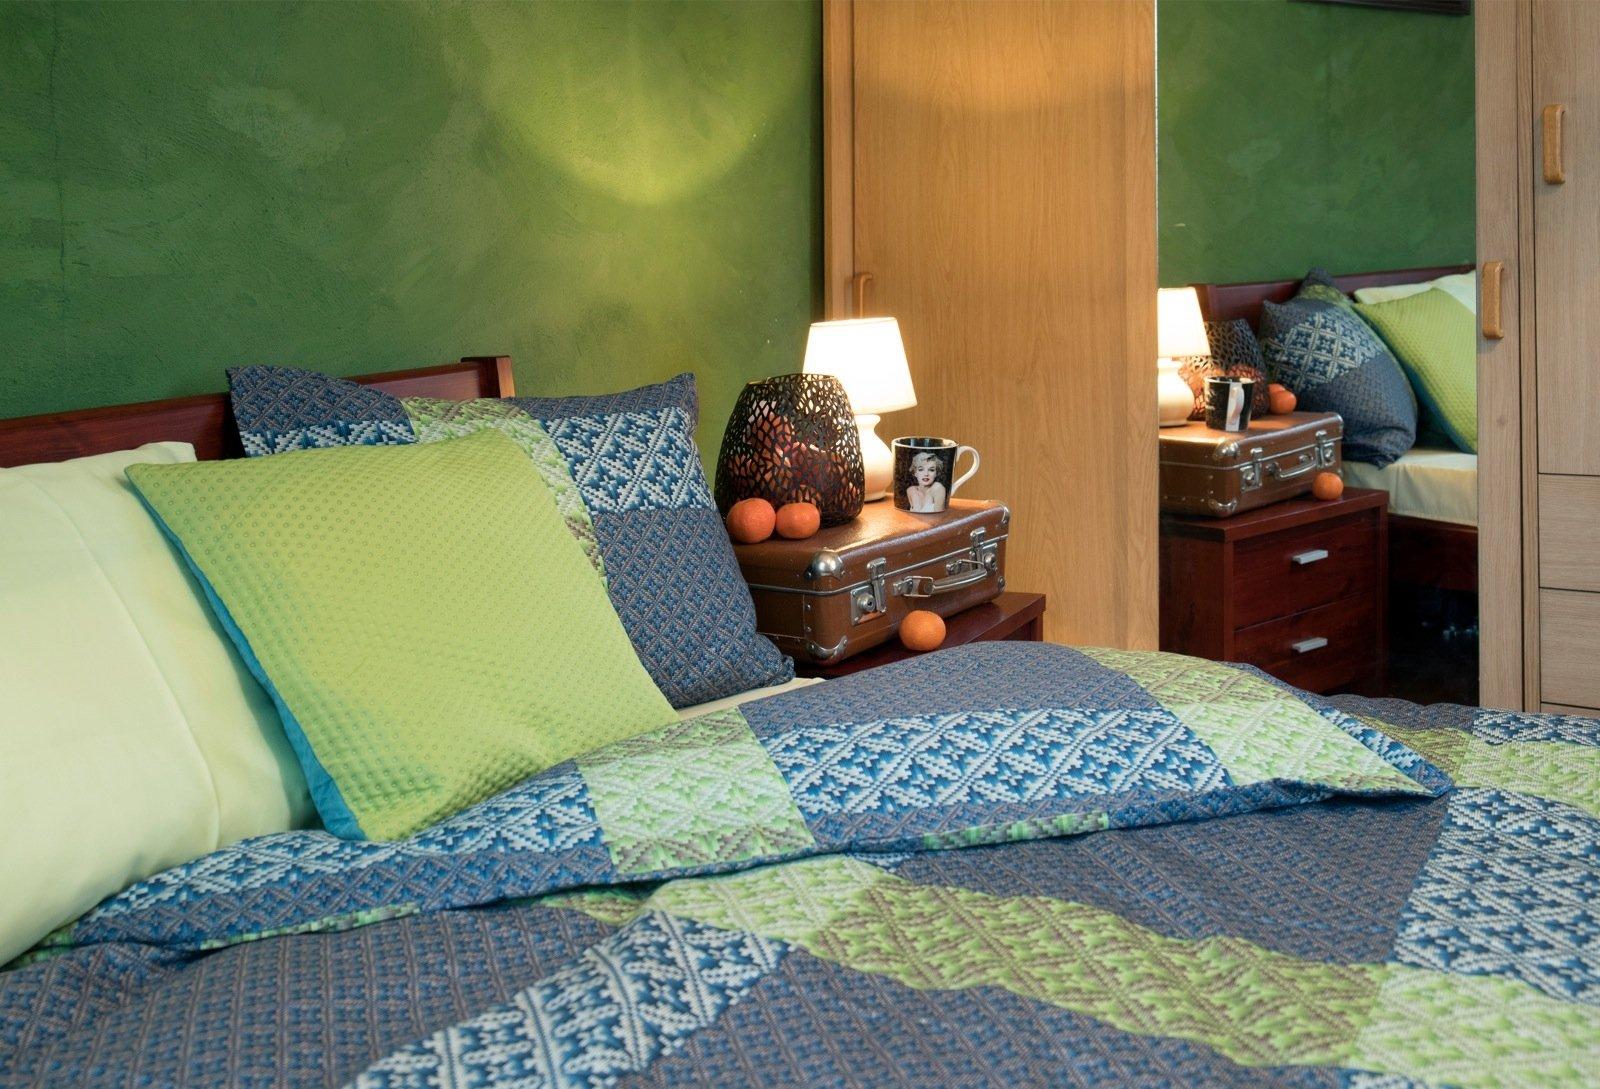 b5e2ff7aed5 Toredate mustrite ja värvikombinatsioonidega satäänist voodipesu Pai. Foto:  Karin Kaljuläte